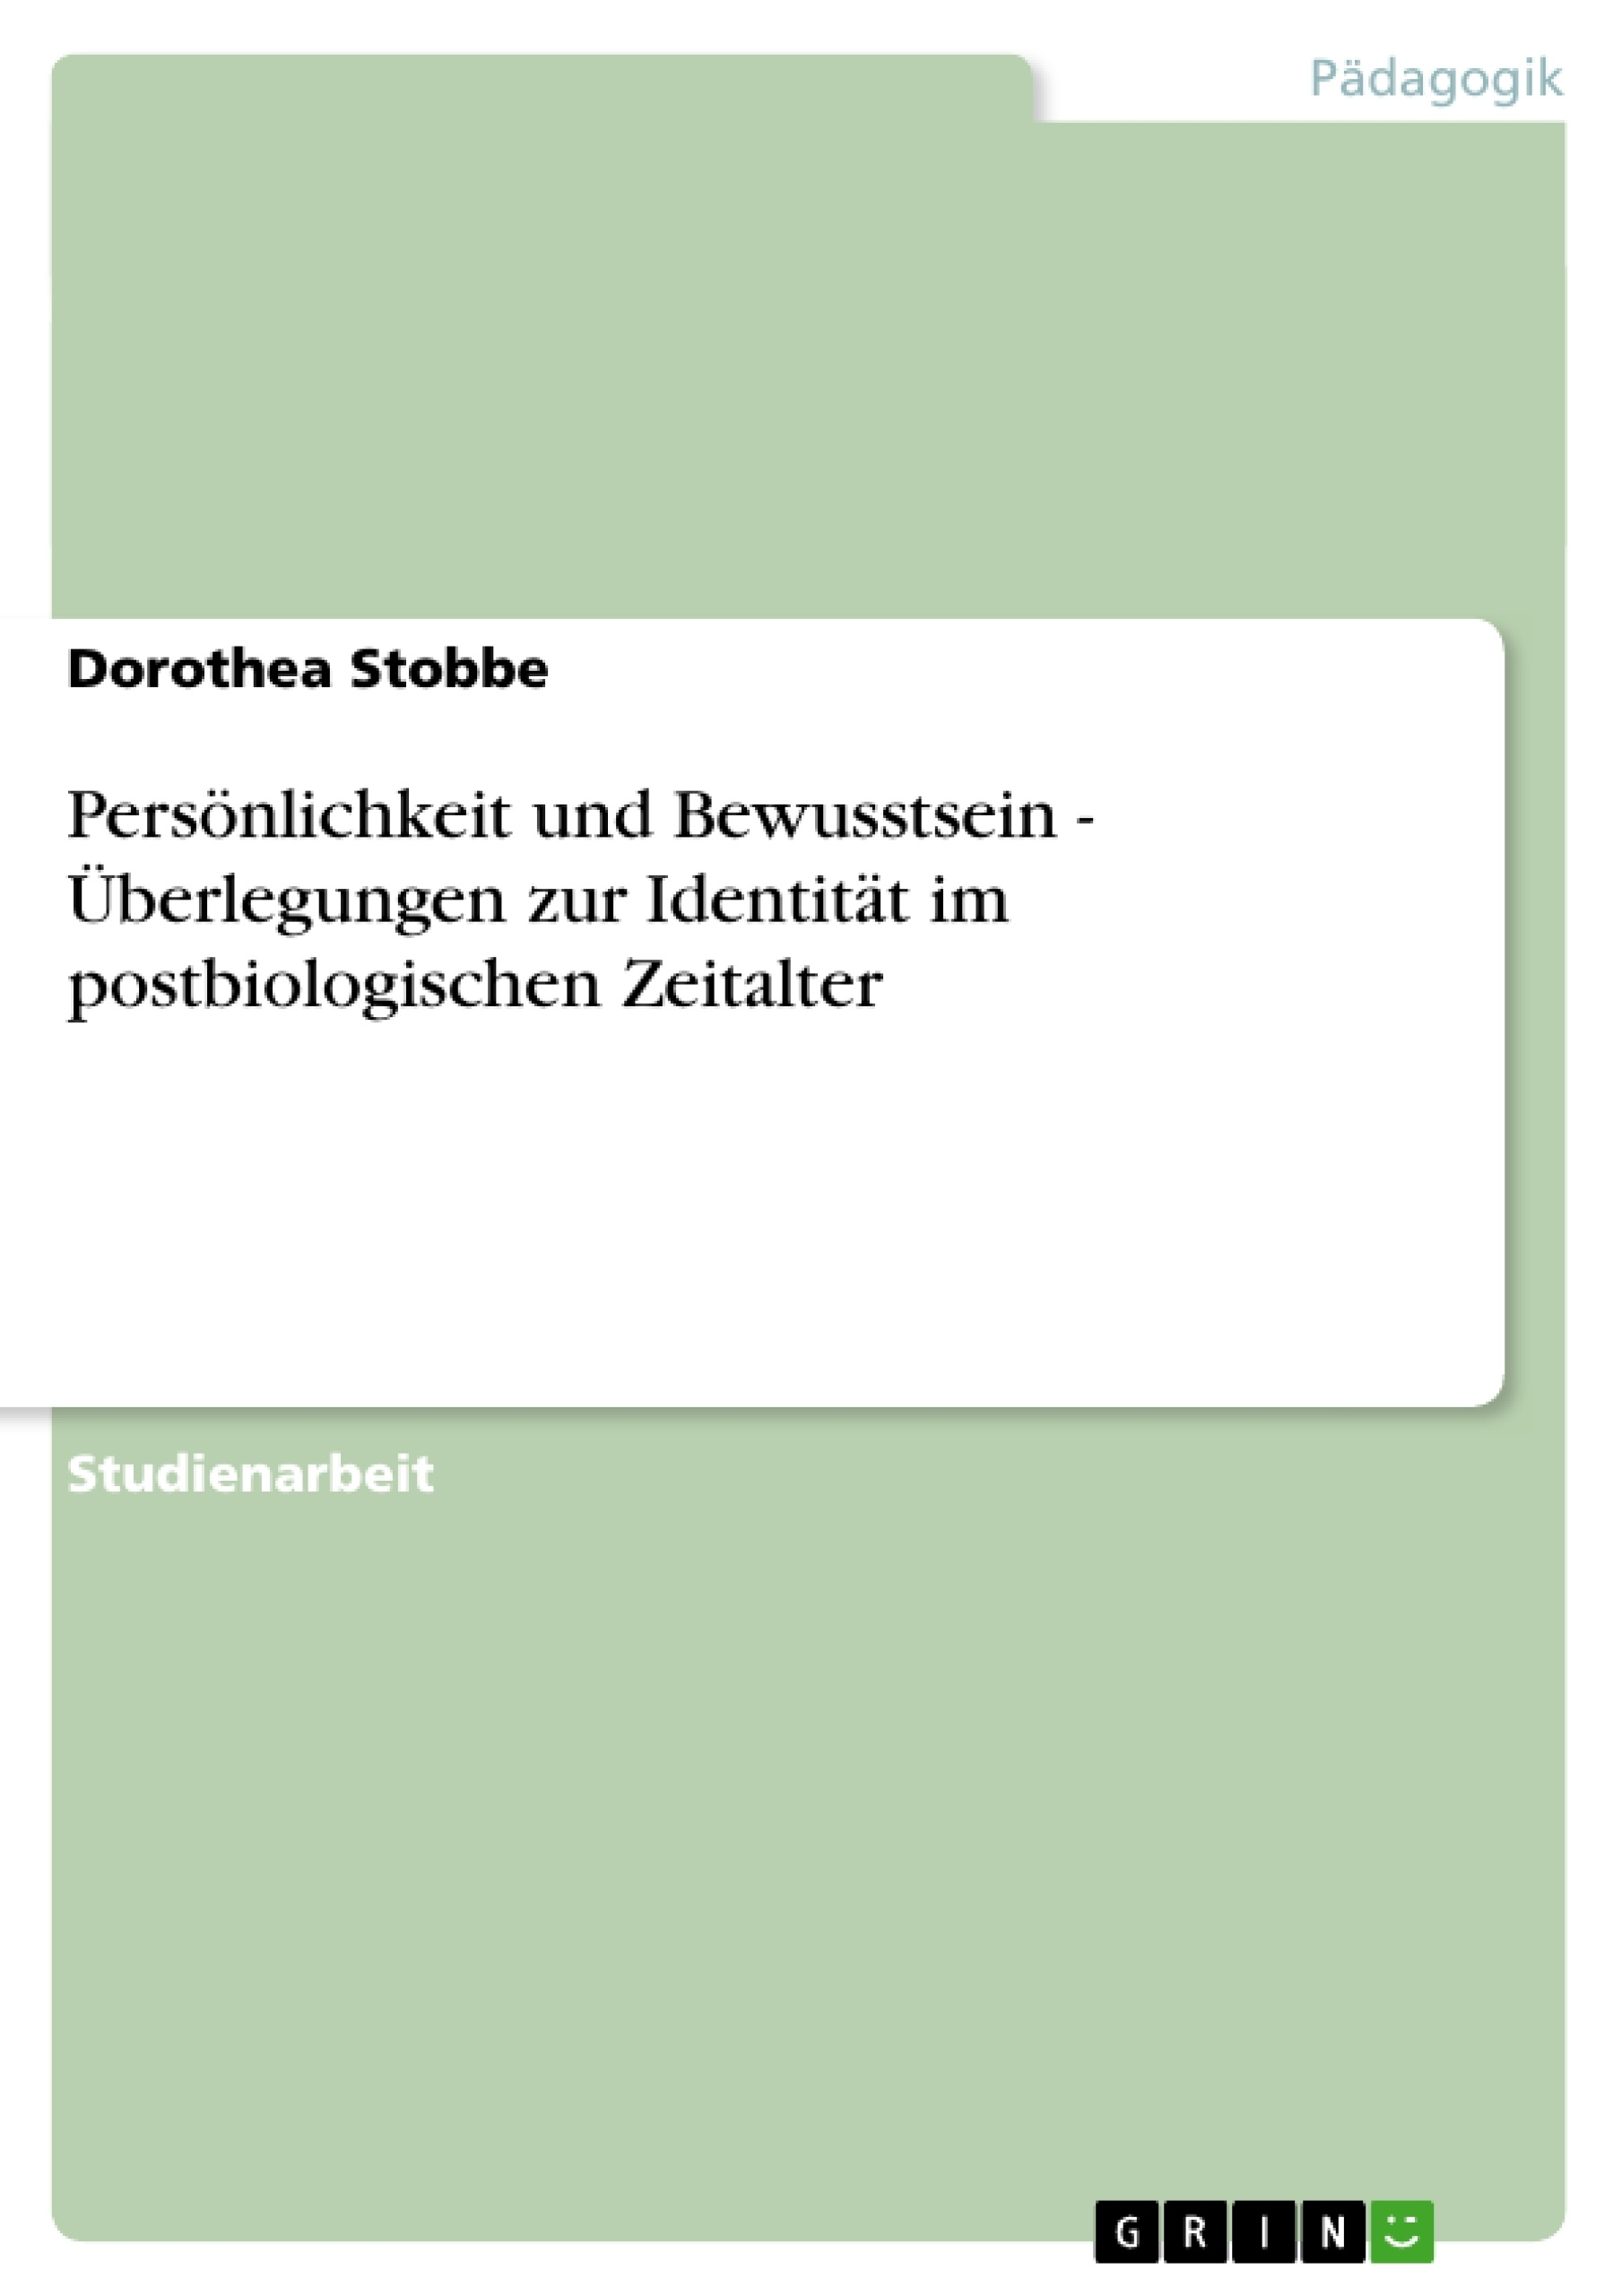 Titel: Persönlichkeit und Bewusstsein - Überlegungen zur Identität im postbiologischen Zeitalter